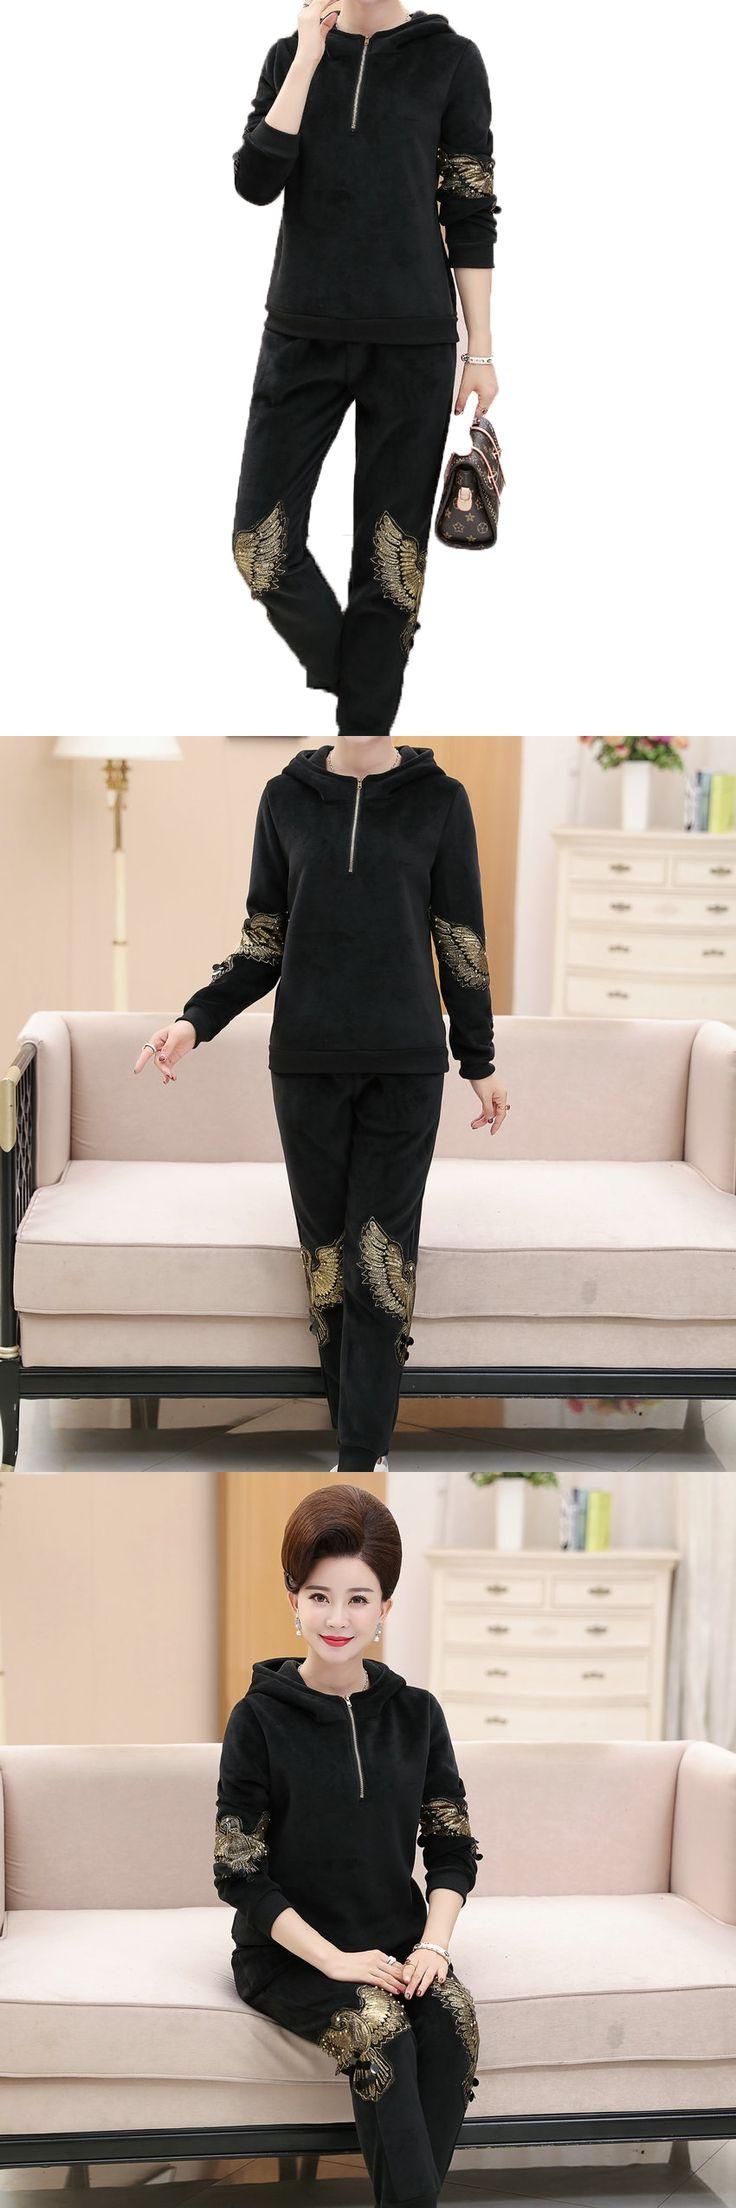 WAEOLSA Fashion Woman Velvet Tracksuit Set Black Sequined Ensemble Femme Hoodie And Trouser Set Womens 2 Piecs Pant Set Thicken